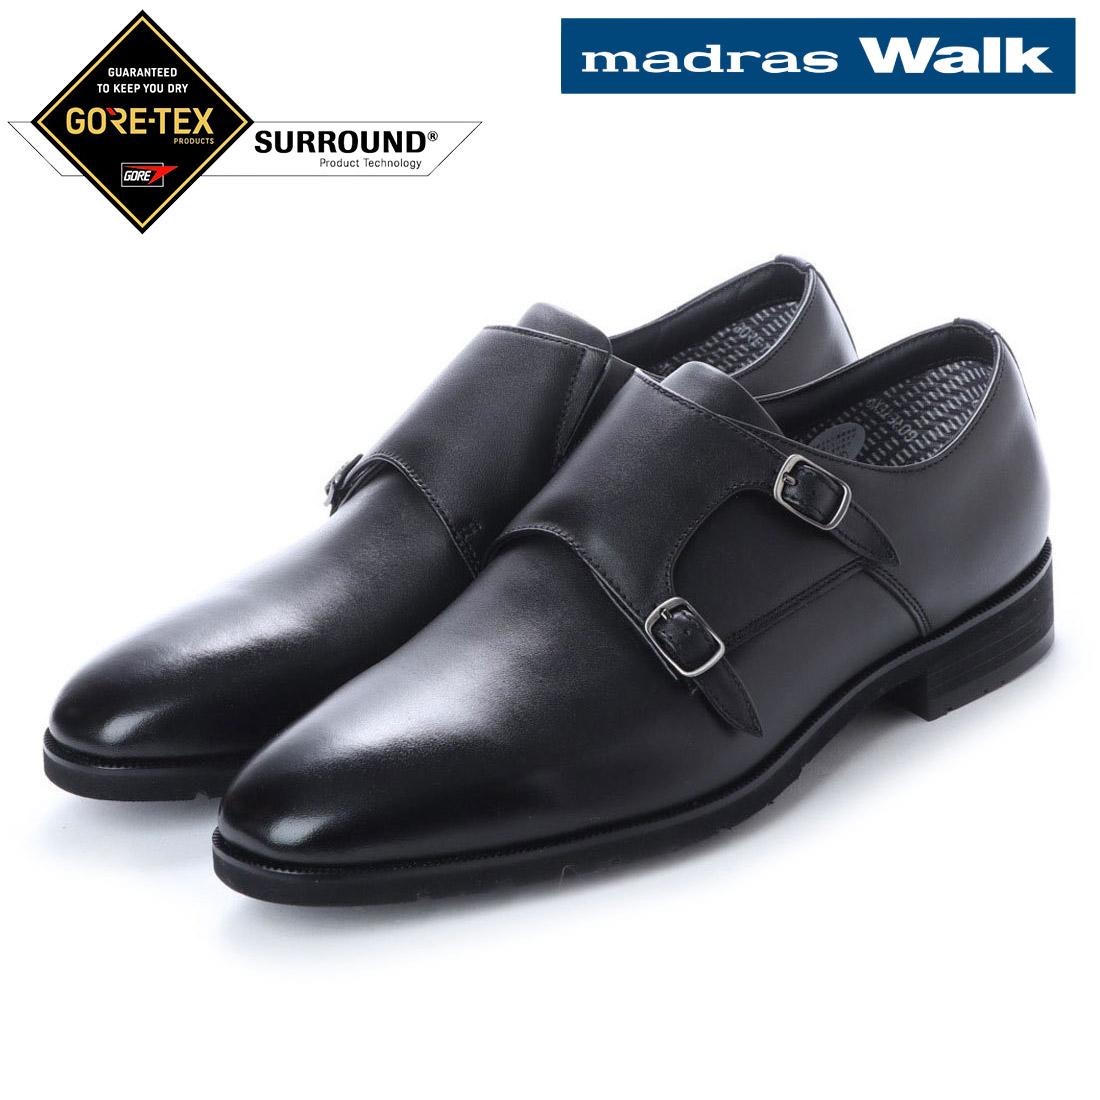 madras Walk マドラス ダブルモンク ビジネス シューズ ゴアテックス MW5632S 防水 【nesh】 【新品】